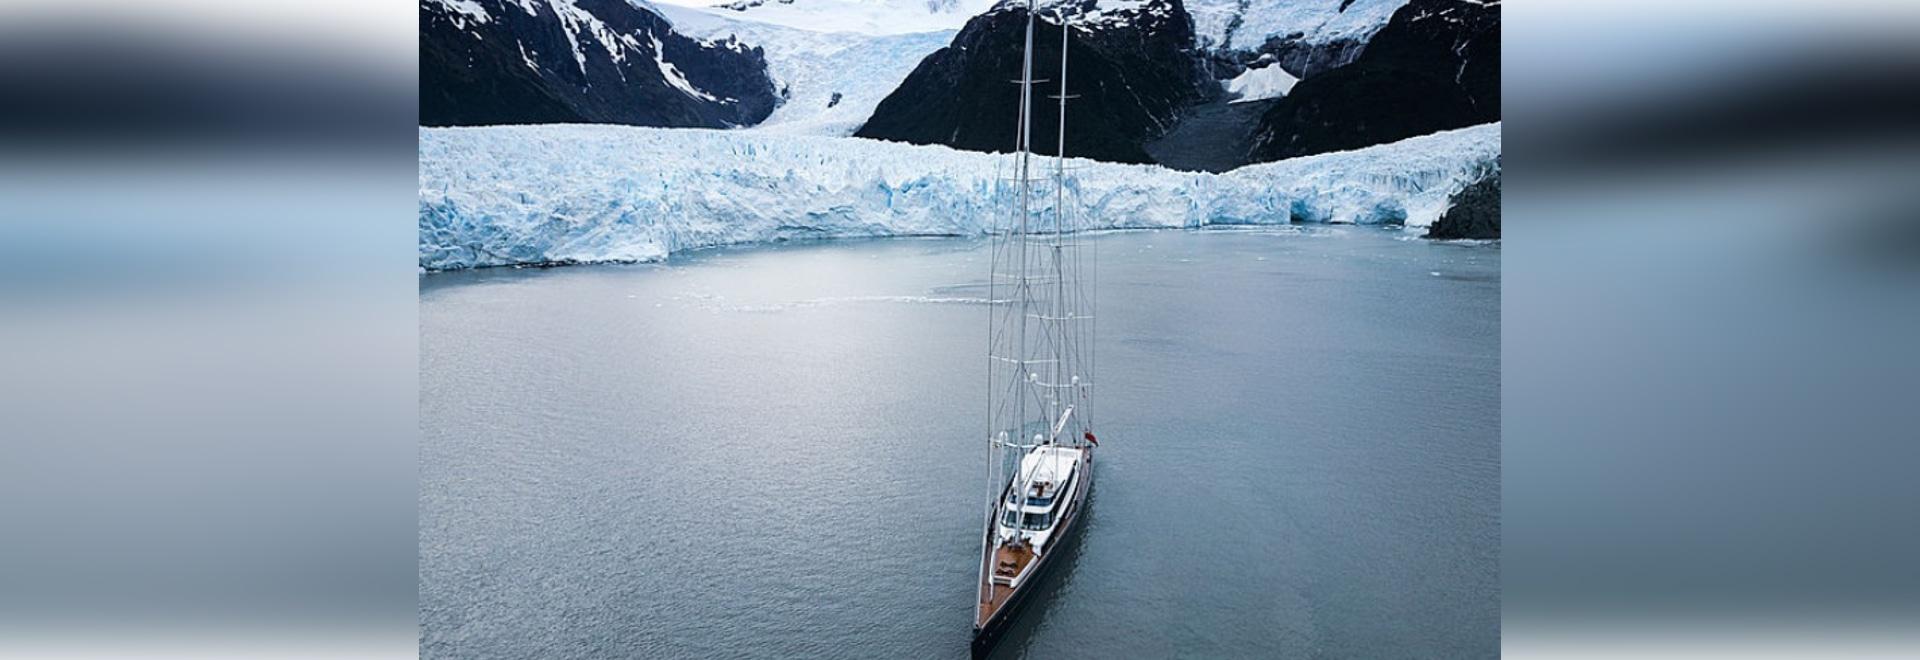 Anécdotas de los fiordos patagones